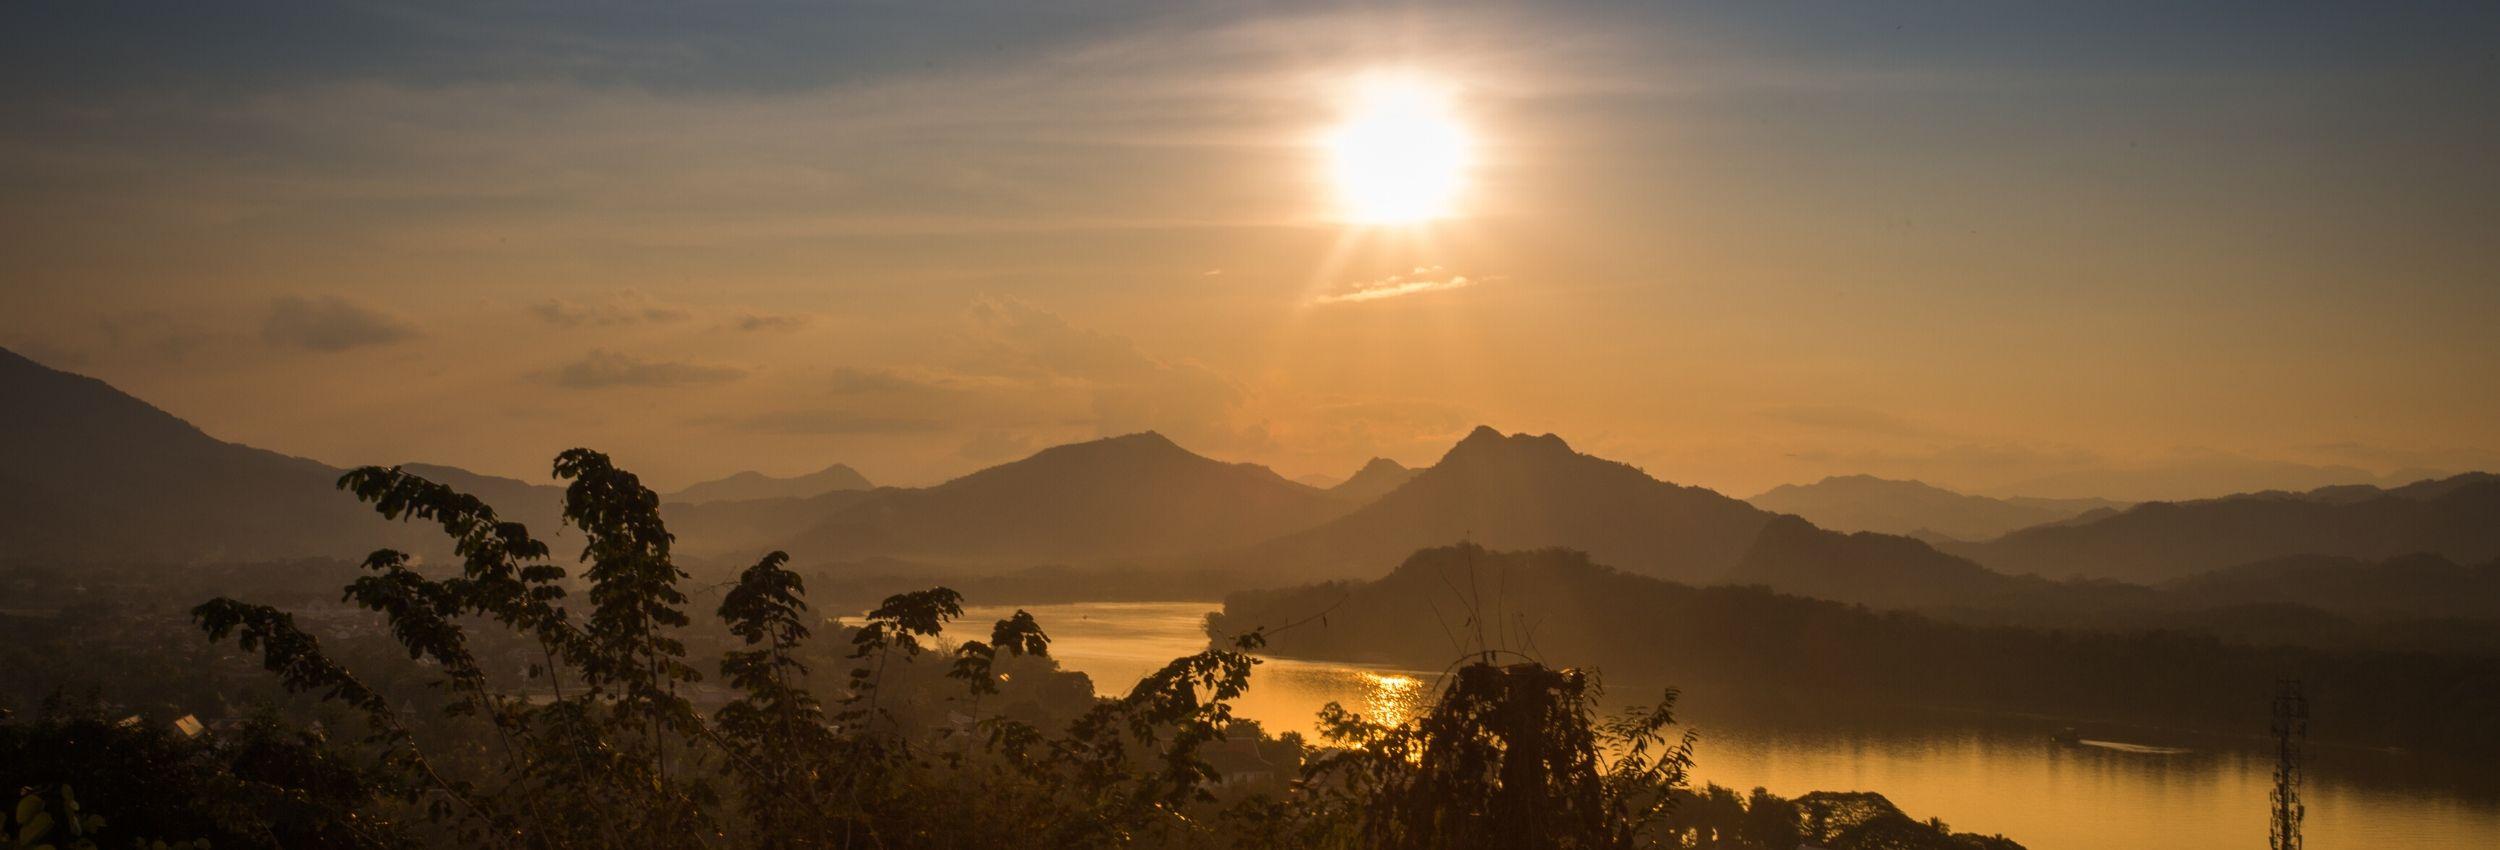 Możliwości w Kamerunie